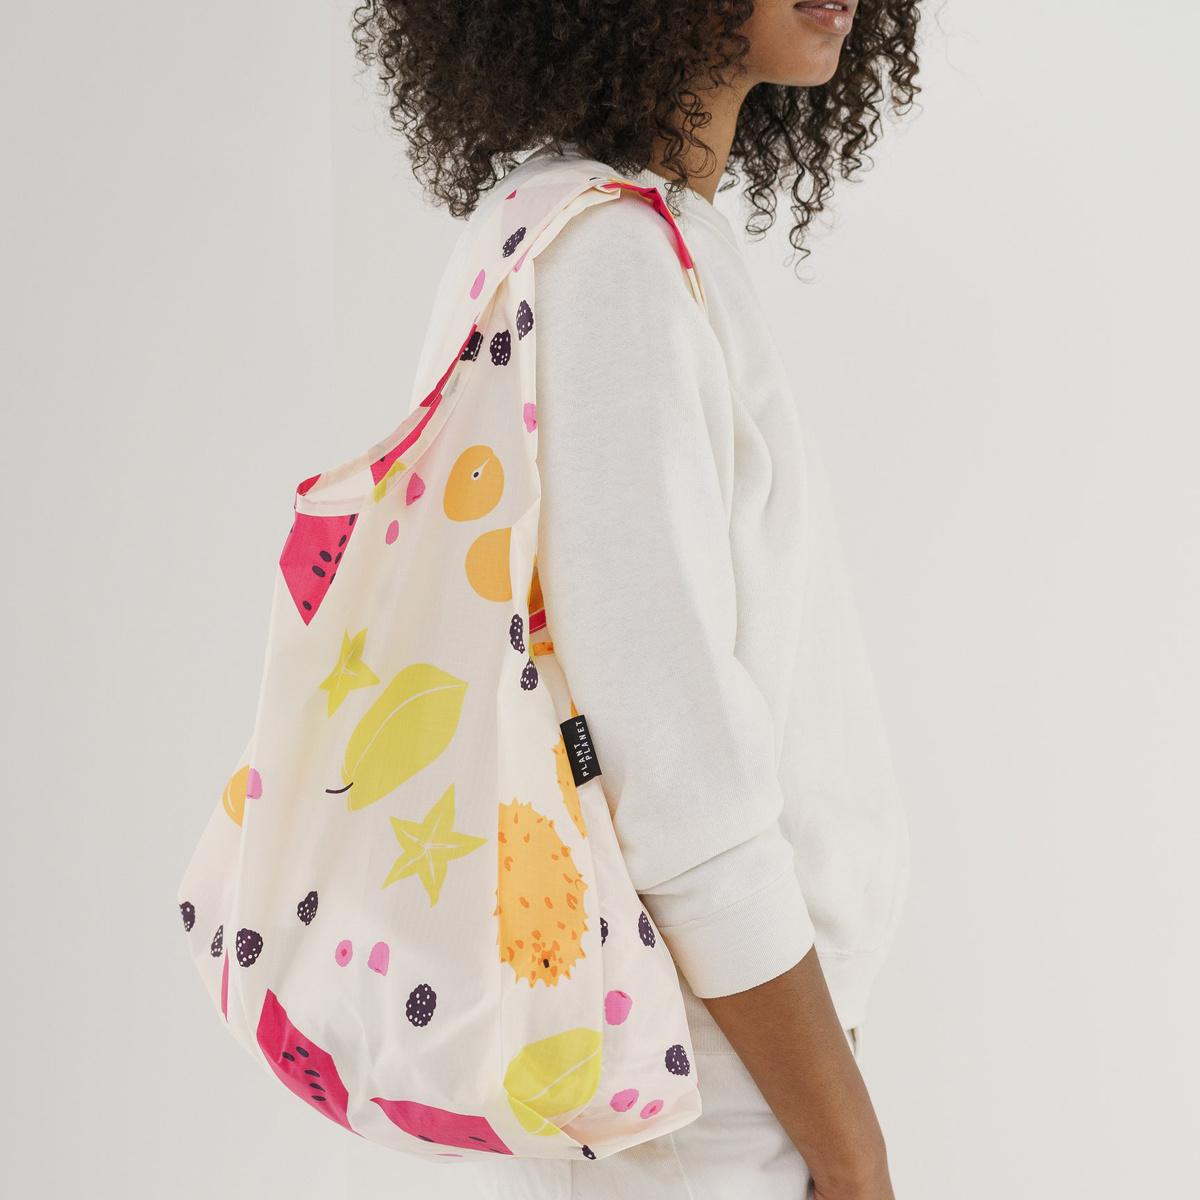 BAGGU Baggu -  Summer Fruit Reusable Bag